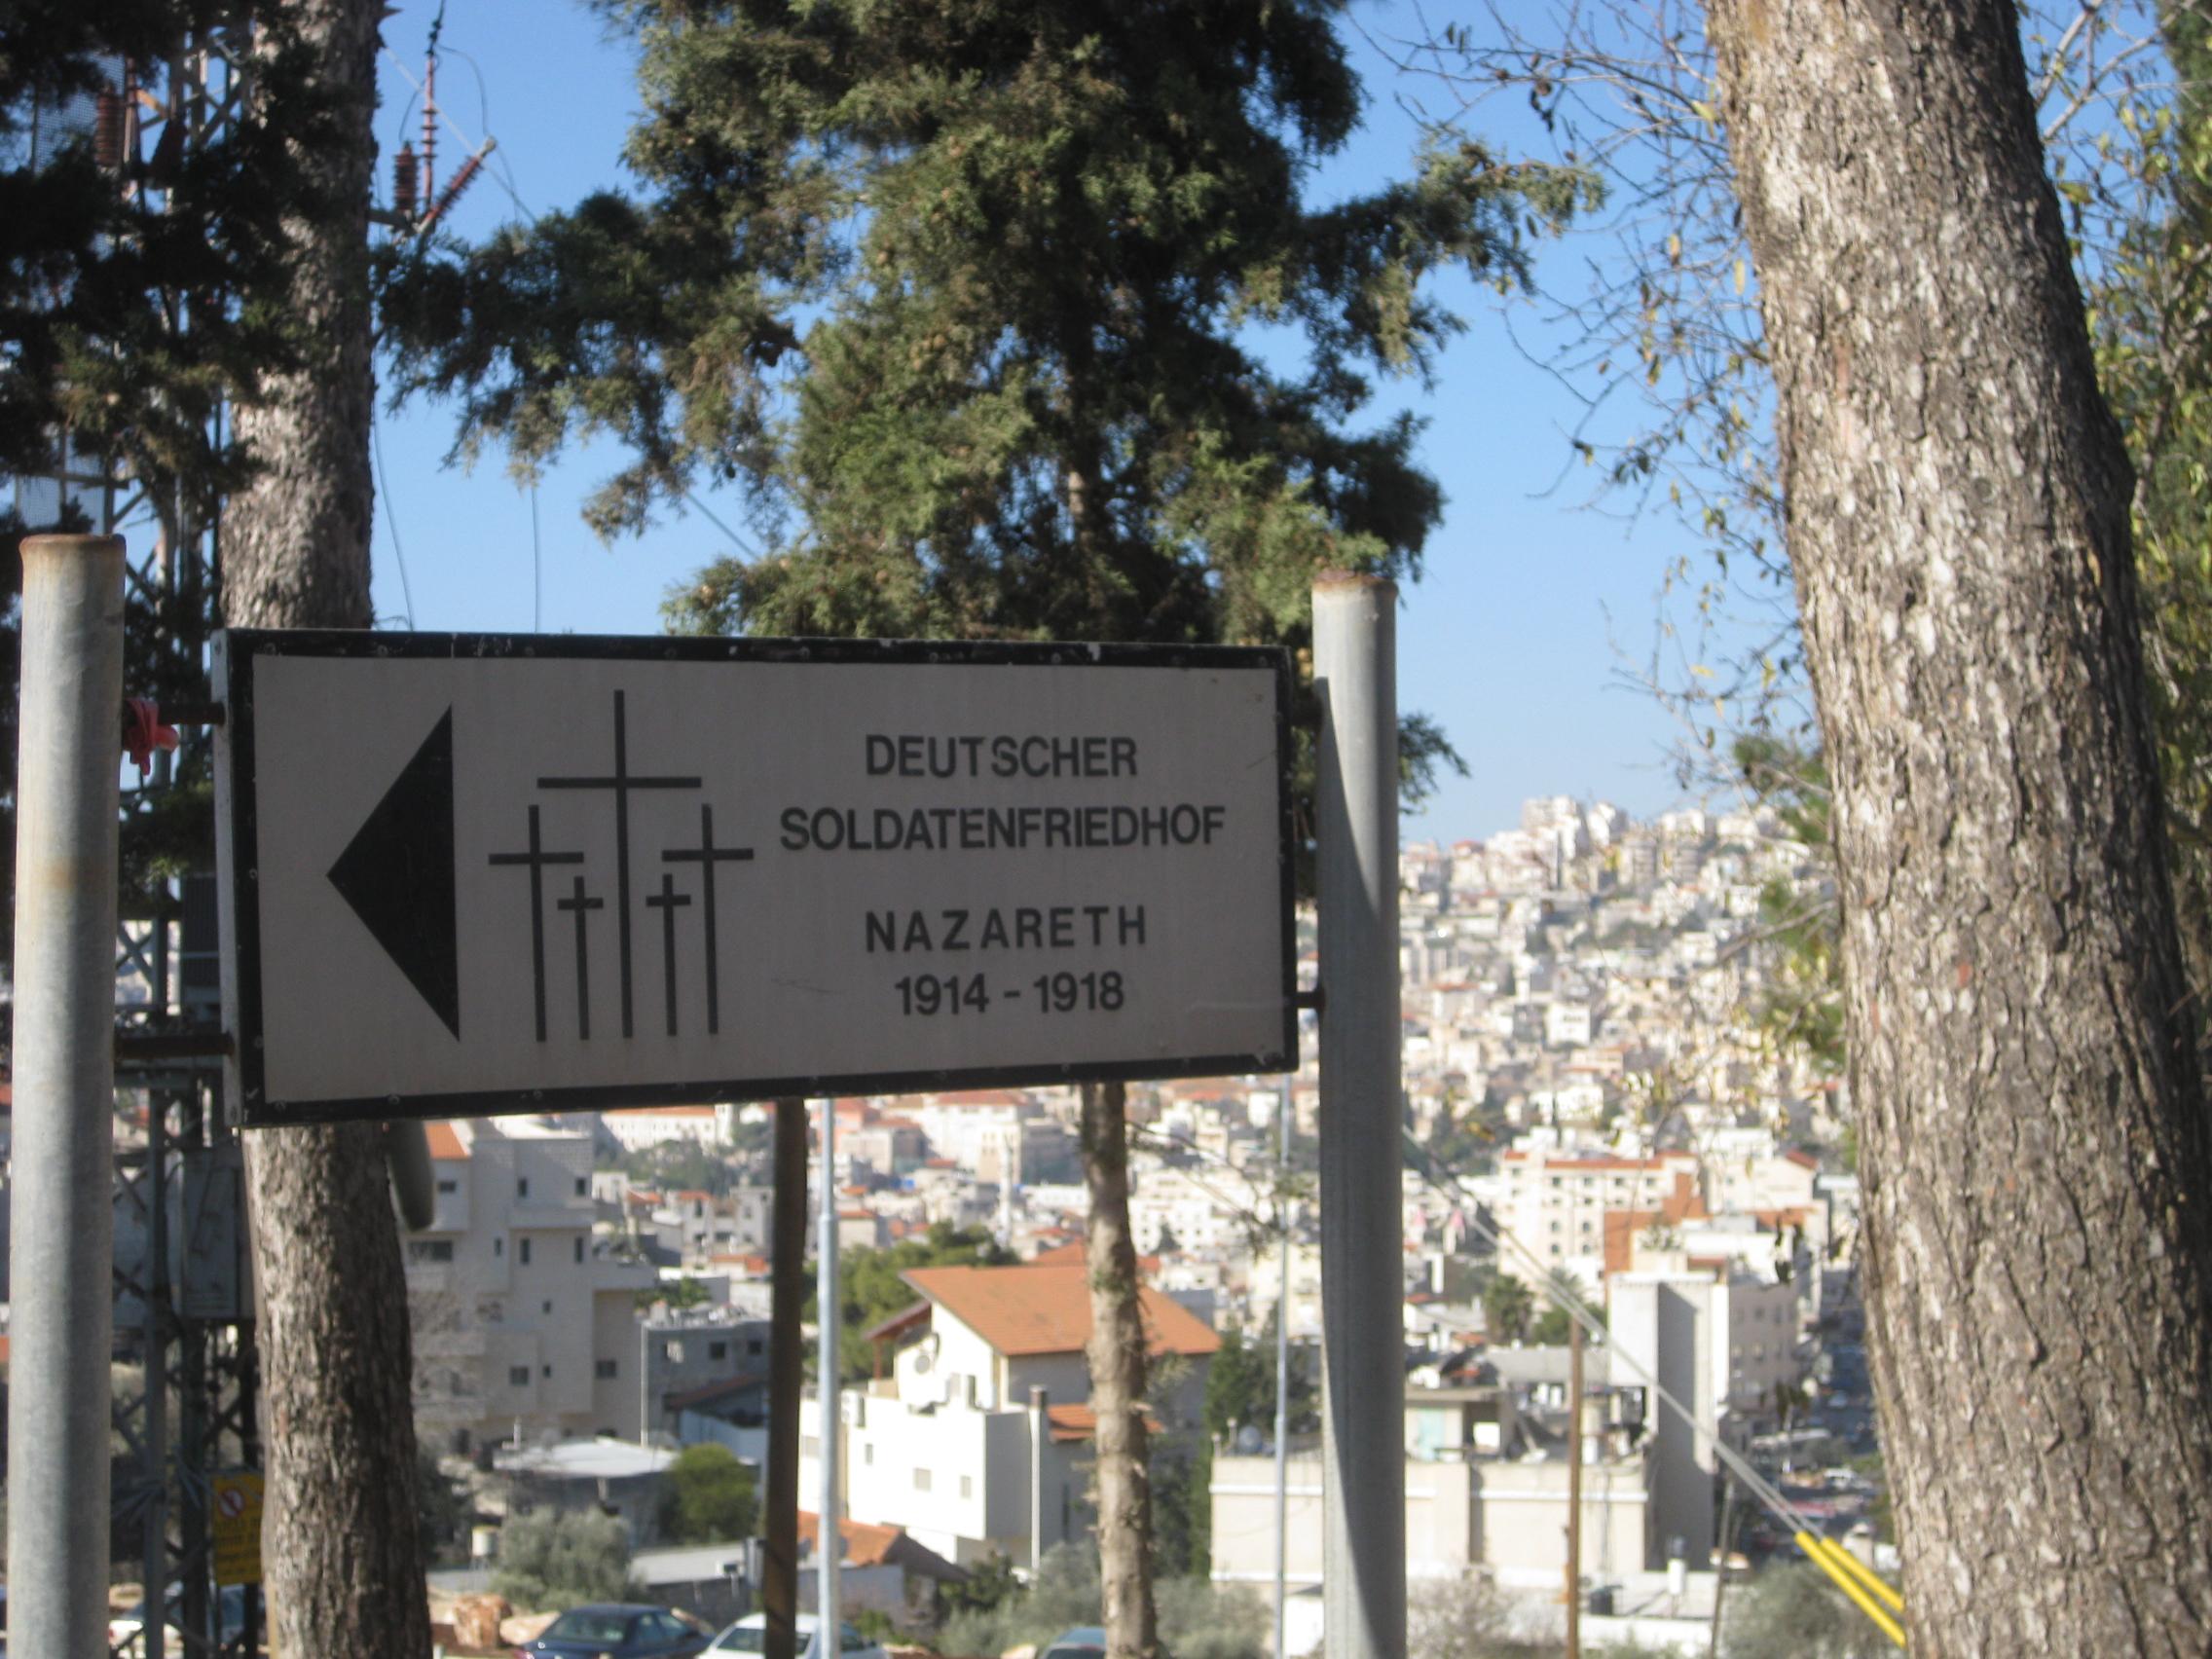 File:PikiWiki Israel 11704 Nazareth - German soldiers cemetery 1914-1918.JPG